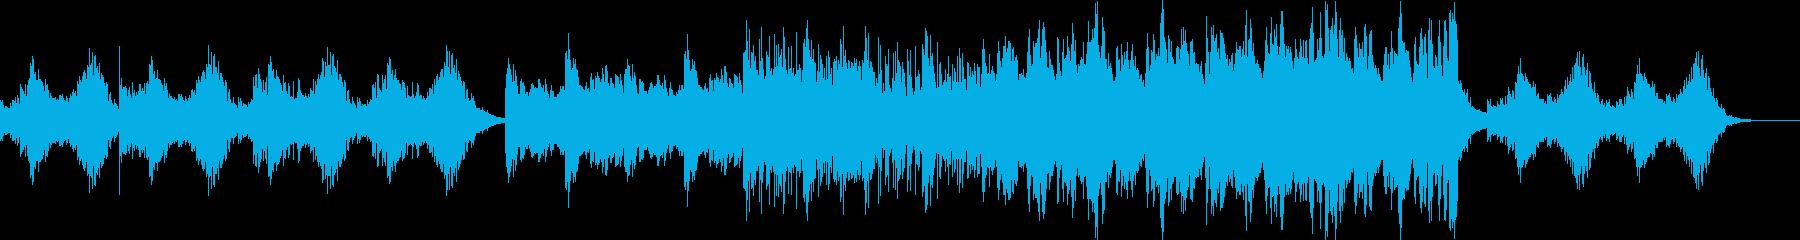 ピアノ、弦楽器、の再生済みの波形